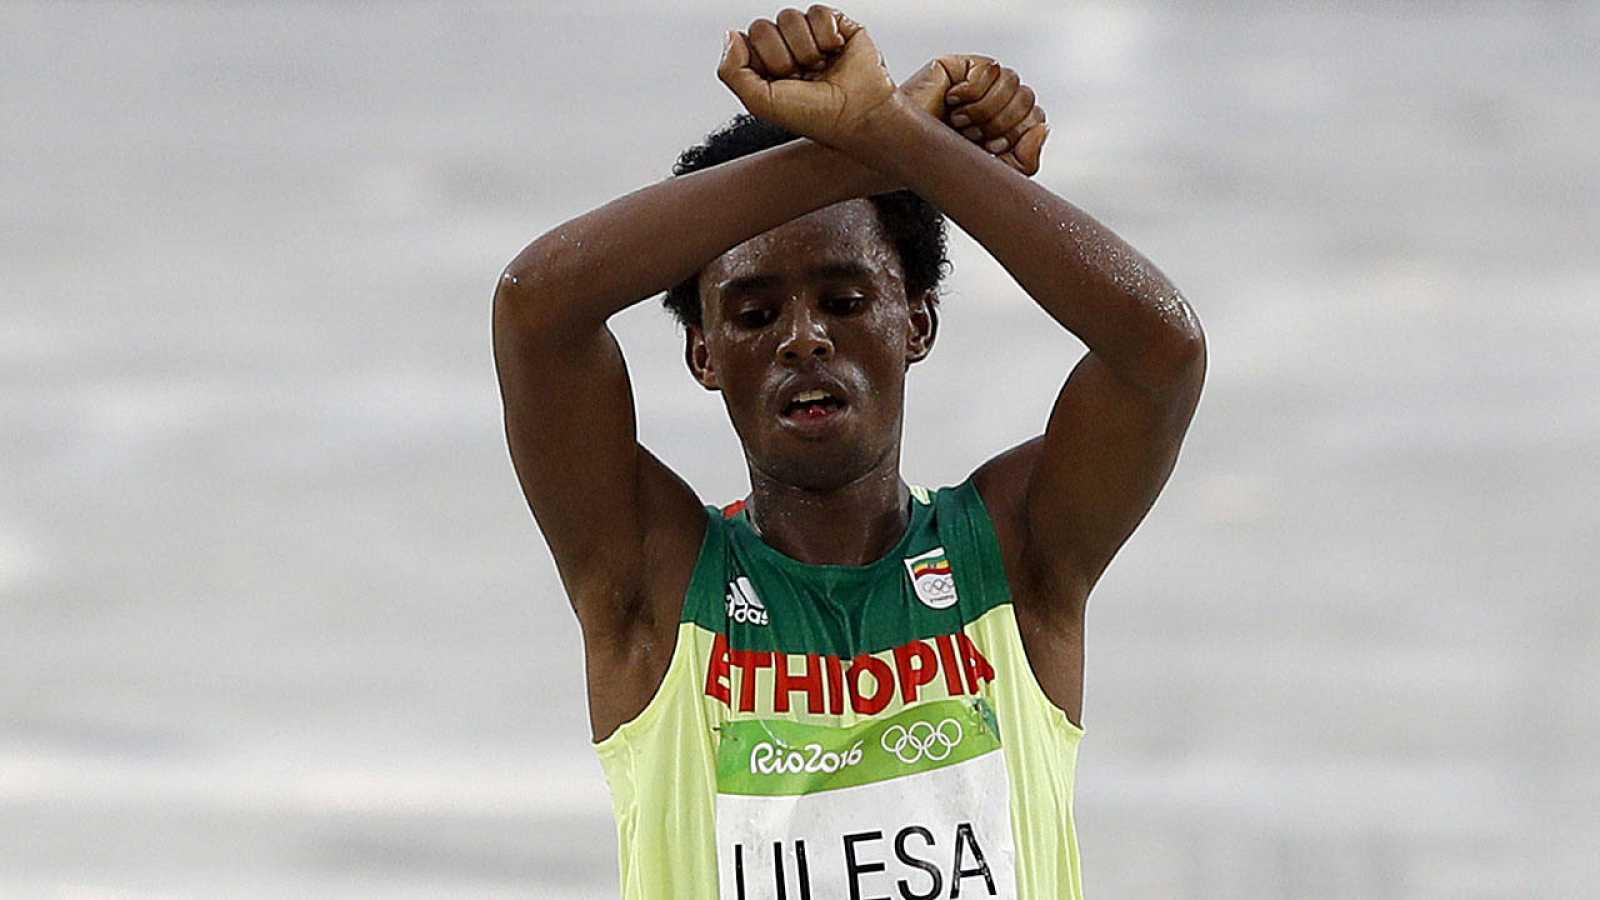 El atleta etíope Feyisa Lilesa realiza un gesto protesta contra la represión del gobierno de su país contra su etnia.